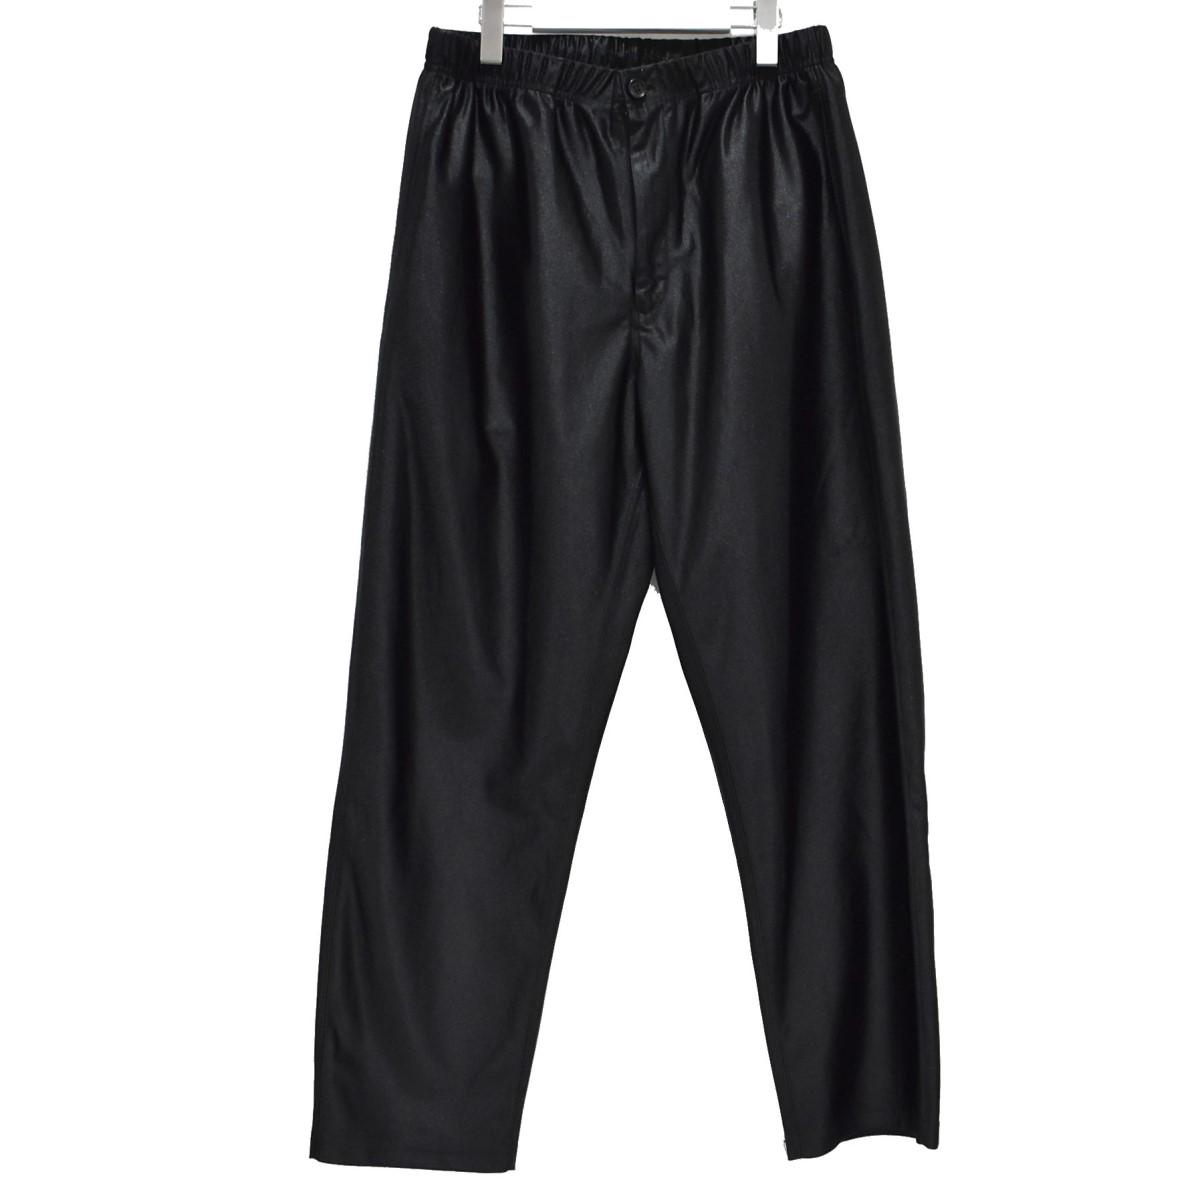 【中古】Engineered Garments 19SS Jog Pant Poly-Dazzle トラックパンツ ブラック サイズ:S 【240620】(エンジニアードガーメンツ)